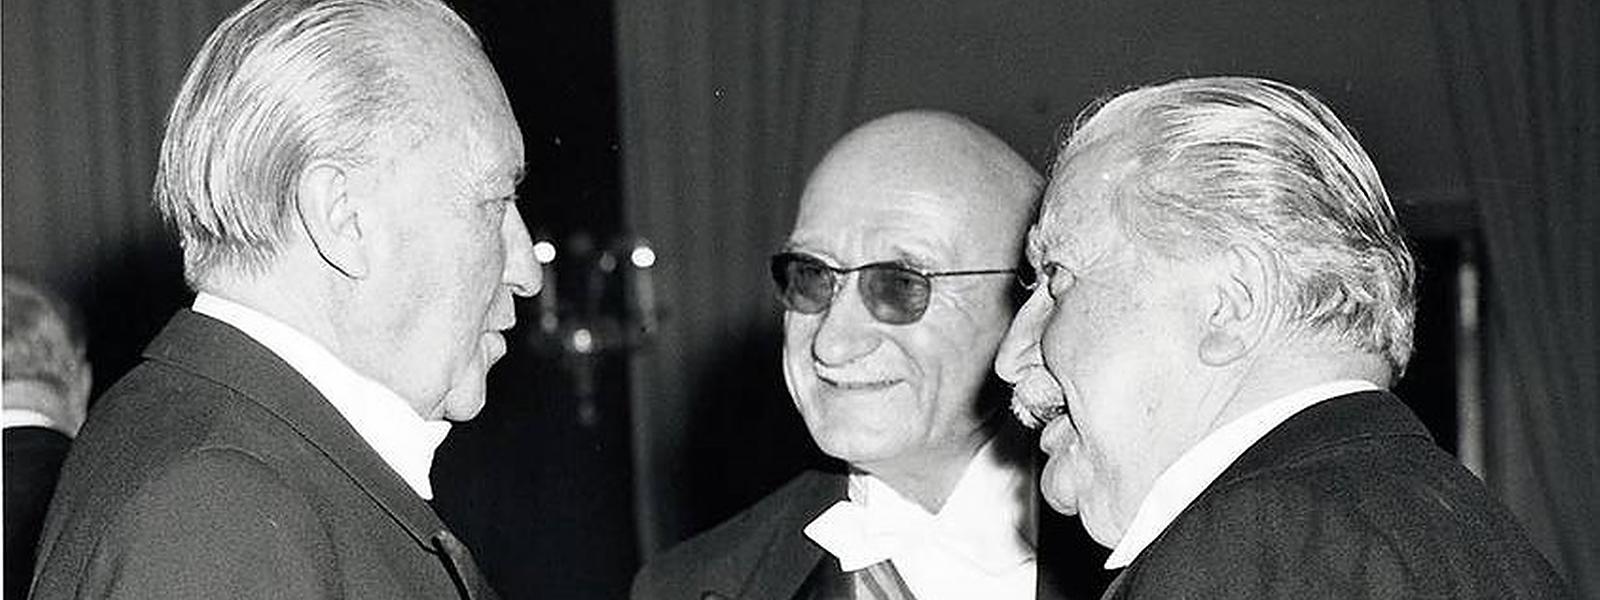 Robert Schuman (Mitte) im Gespräch mit dem deutschen Kanzler Konrad Adenauer (li.) und dem Luxemburger Staatsmann Joseph Bech.